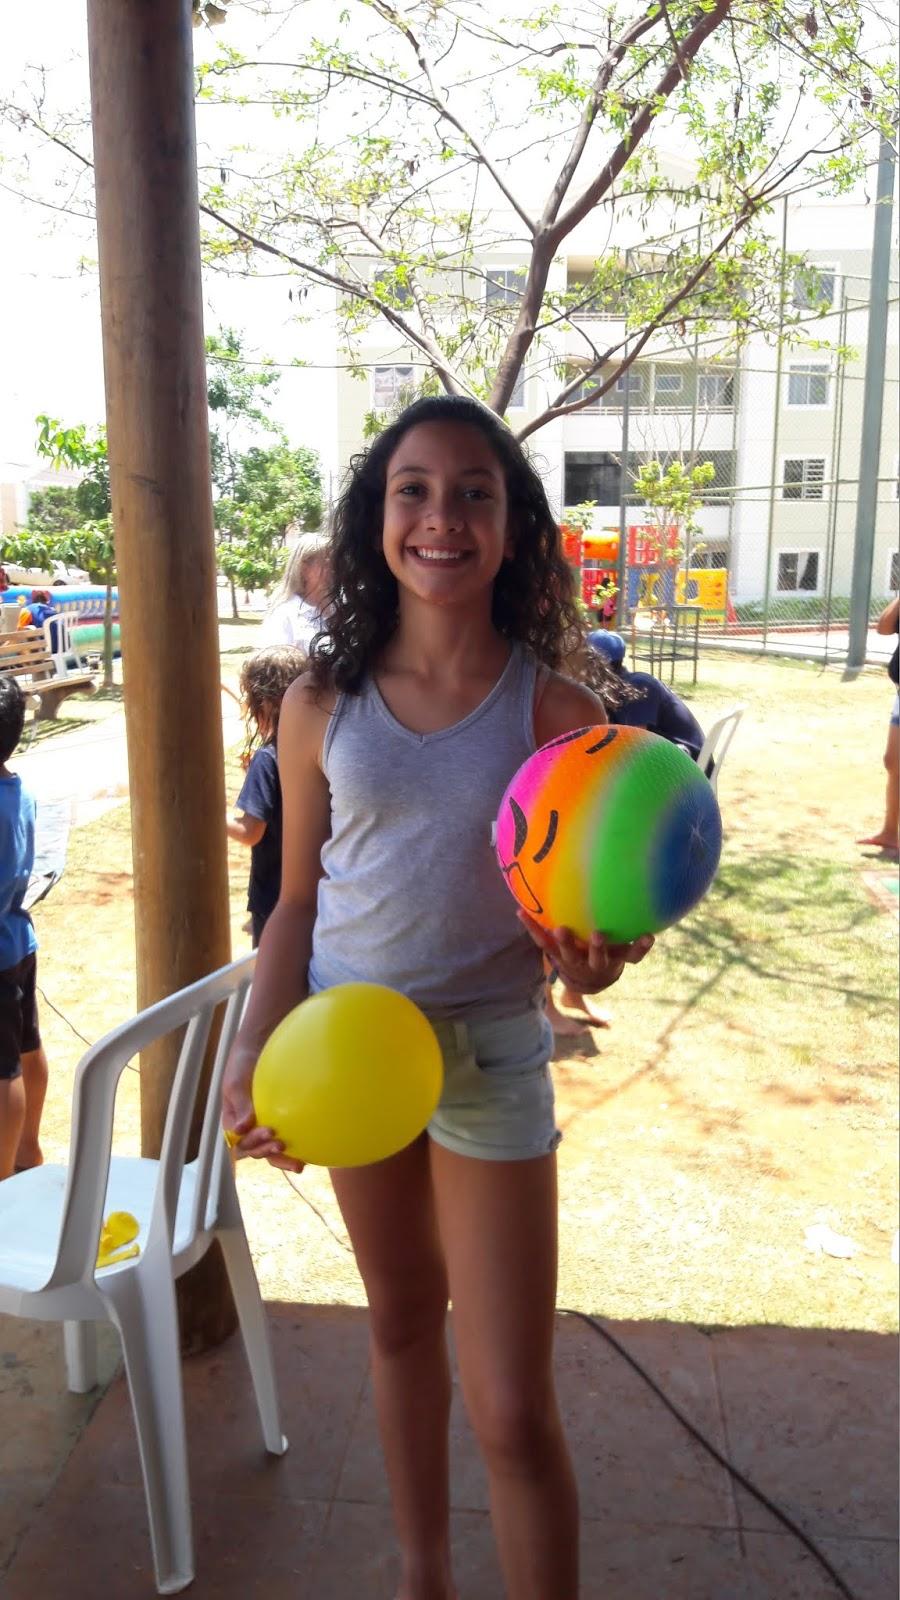 20181012 113103 - 12 de outubro teve festa para as crianças no Jardins Mangueiral